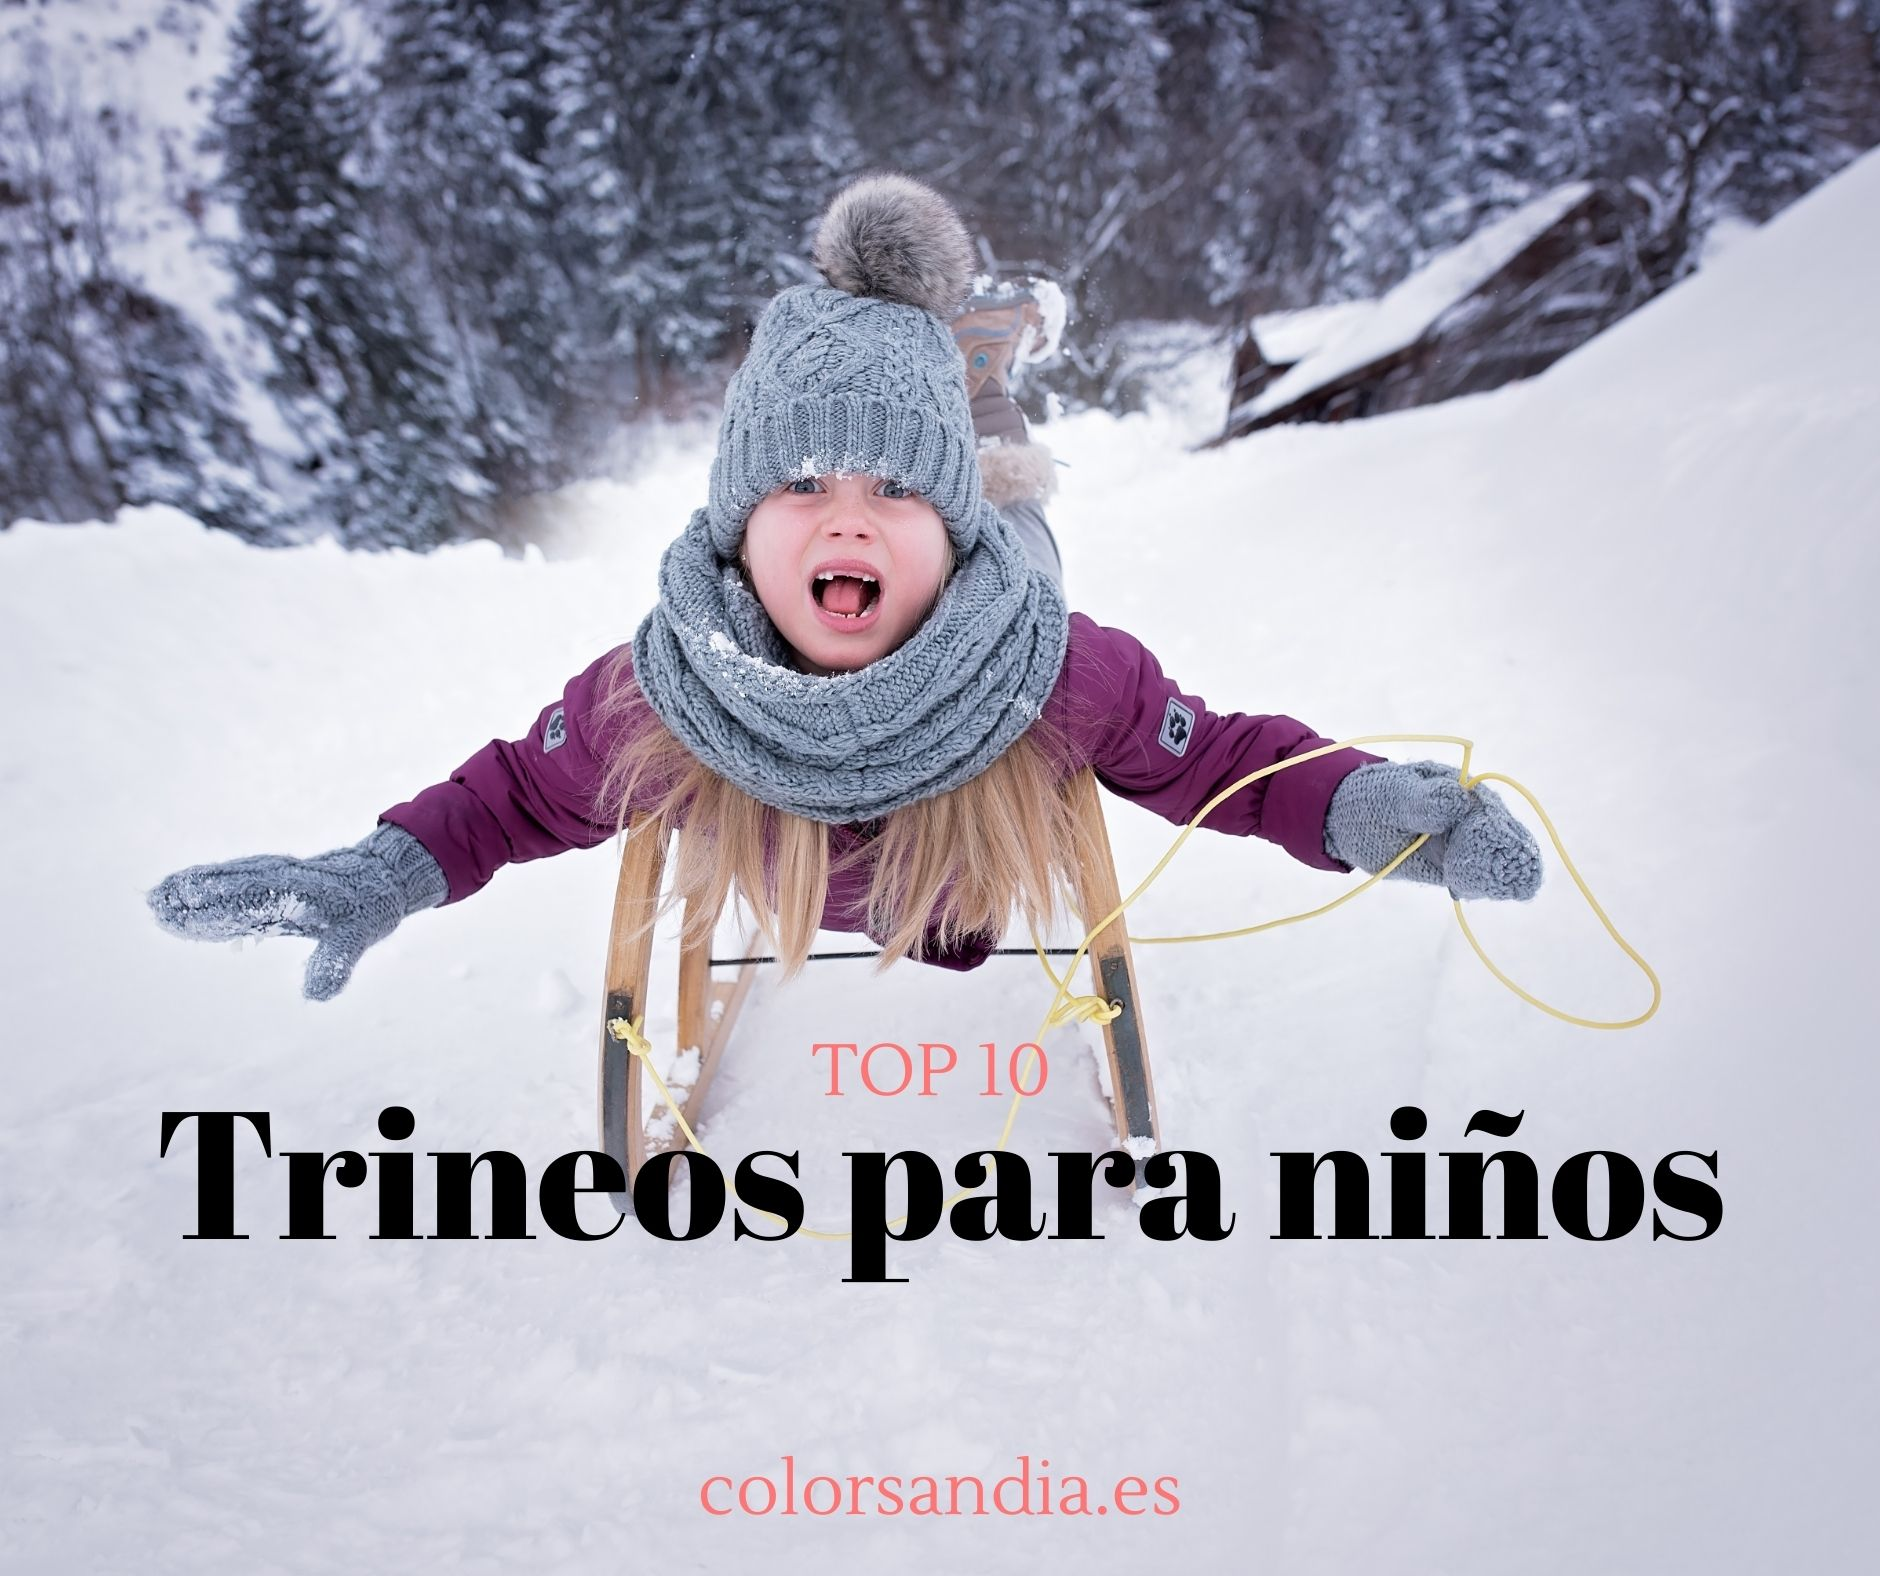 Top 10 trineos para niños. Todas las opciones para disfrutar de la nieve.